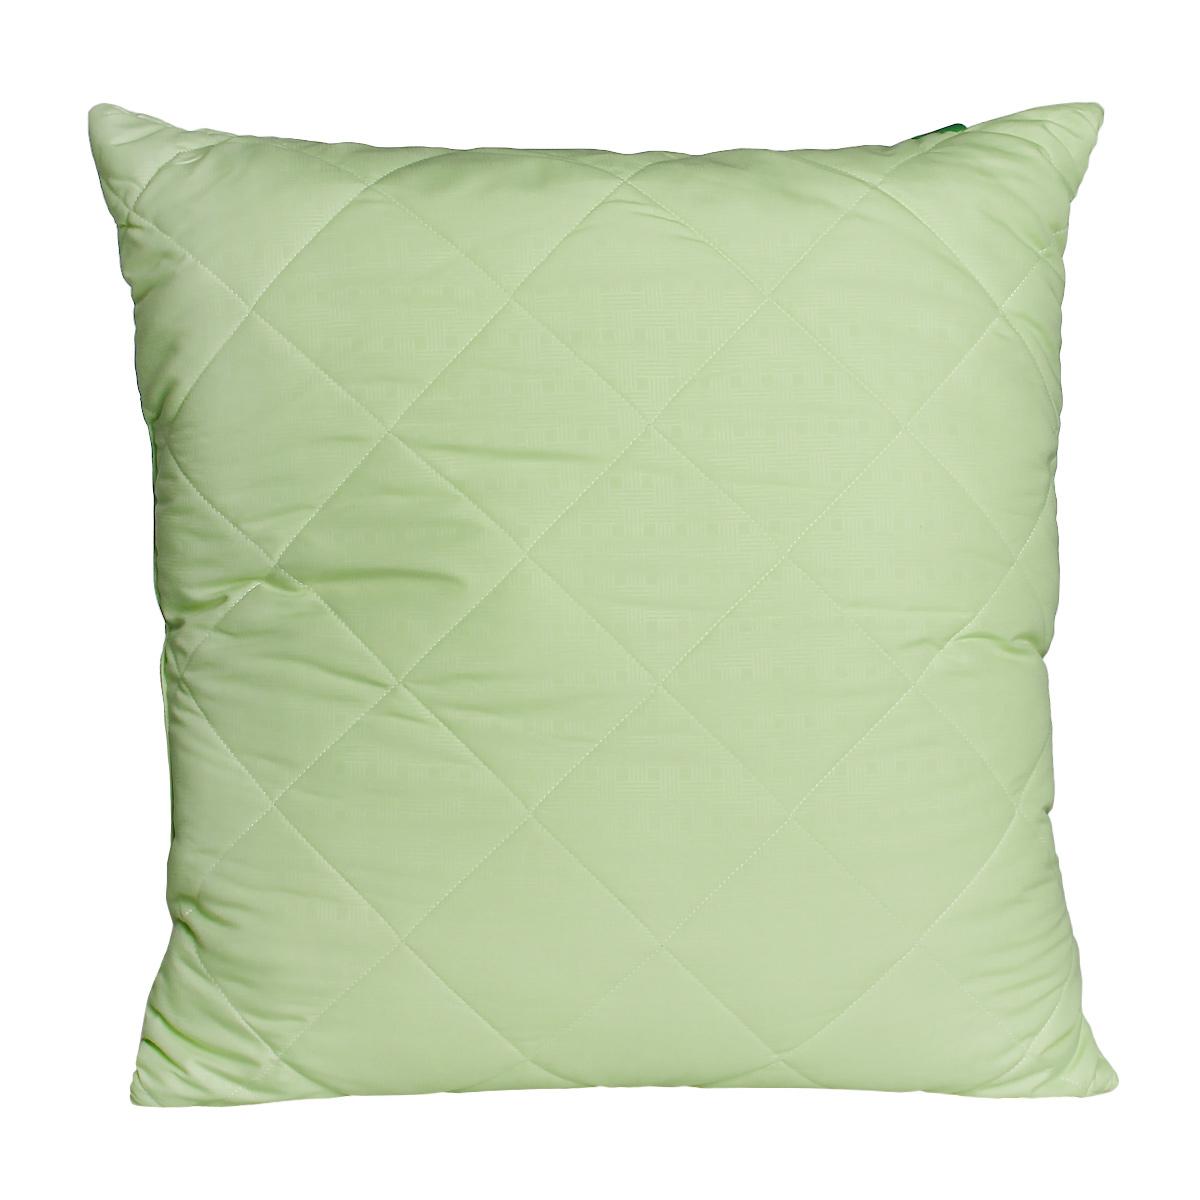 Подушка OL-Tex Miotex, наполнитель: волокно бамбука, цвет: фисташковый, 68 х 68 см07701-501Мягкая и упругая подушка OL-Tex Miotex подарит комфорт и уют во время сна. Чехол изделия выполнен из микрофибры фисташкового цвета и оформлен стежкой, которая равномерно удерживает наполнитель в чехле. Бамбуковое полотно не накапливает пыль и запахи. Обладает гипоаллергенными свойствами, поэтому подушки с таким наполнителем подходят людям, страдающим аллергией и астмой. Подушка не теряет своих качеств при многократных стирках. Легко стирается и быстро сохнет.Рекомендации по уходу:- Ручная и машинная стирка при температуре 30°С.- Не гладить.- Не отбеливать. - Нельзя отжимать и сушить в стиральной машине.- Сушить вертикально. Размер подушки: 68 см х 68 см. Материал чехла: микрофибра (100% полиэстер). Материал наполнителя: волокно бамбука. Плотность: 100 г/м2.